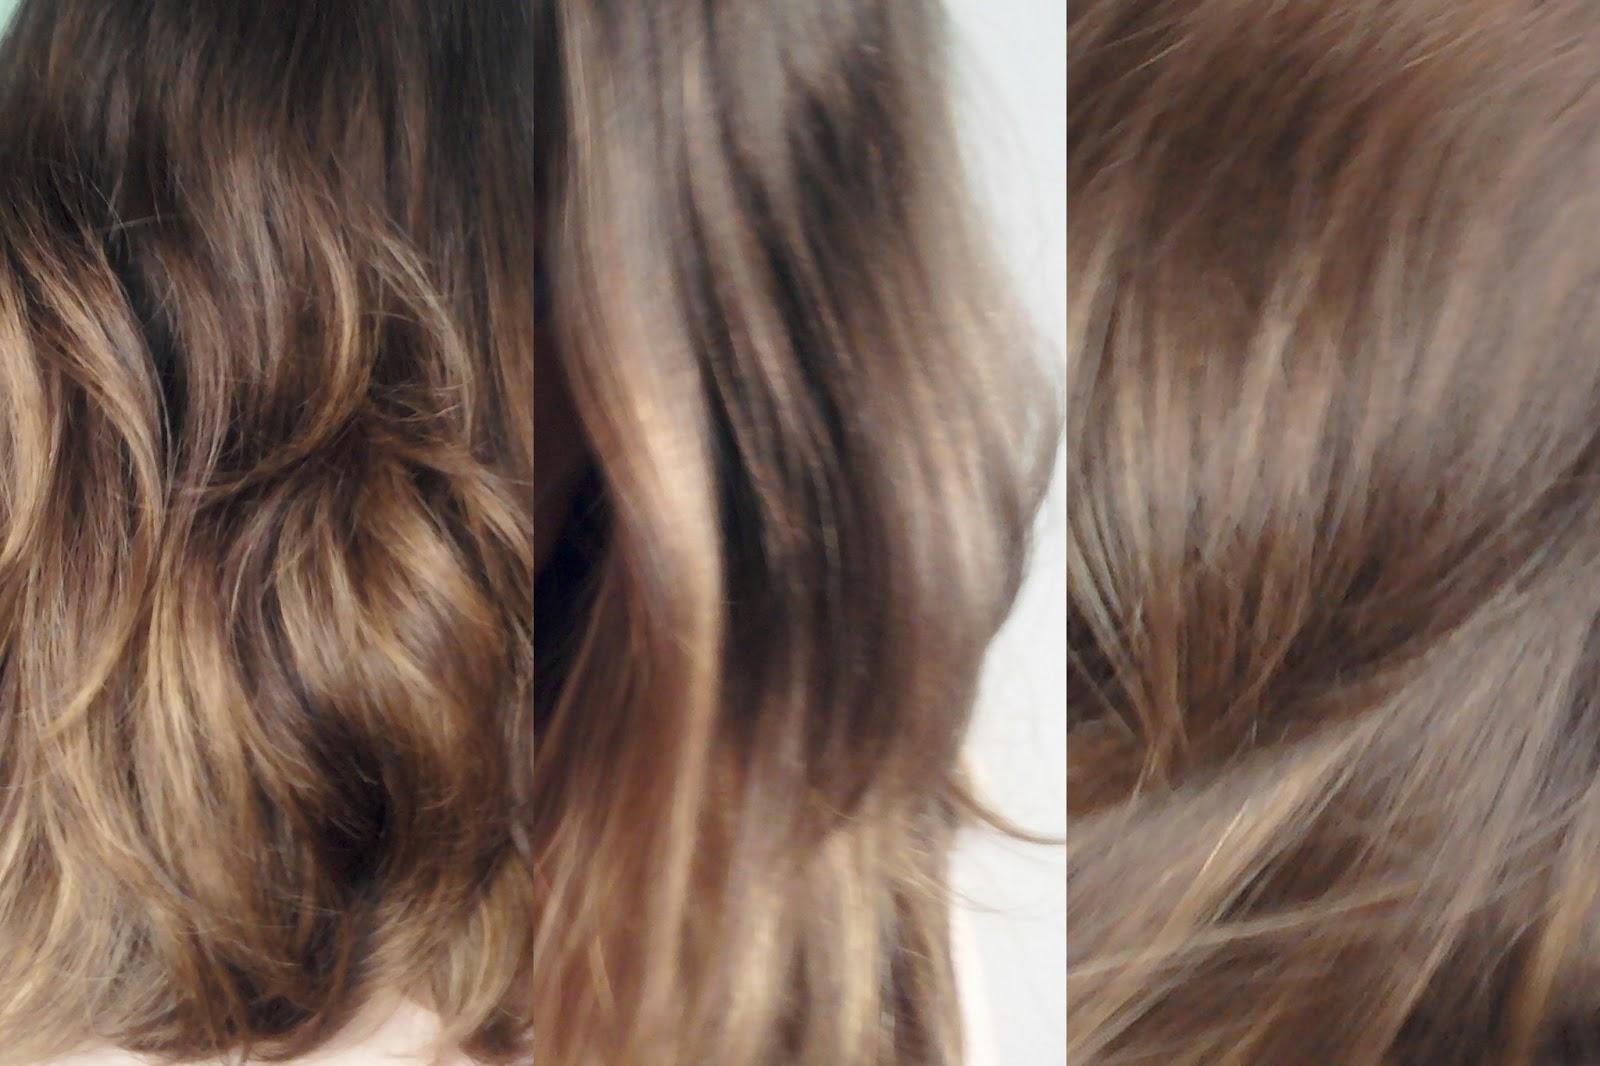 Πώς άλλαξα το χρώμα των μαλλιών μου κάνοντας μια μάσκα!! (+ Update σχεδόν  ένα μήνα μετά!) 81e8e037f38